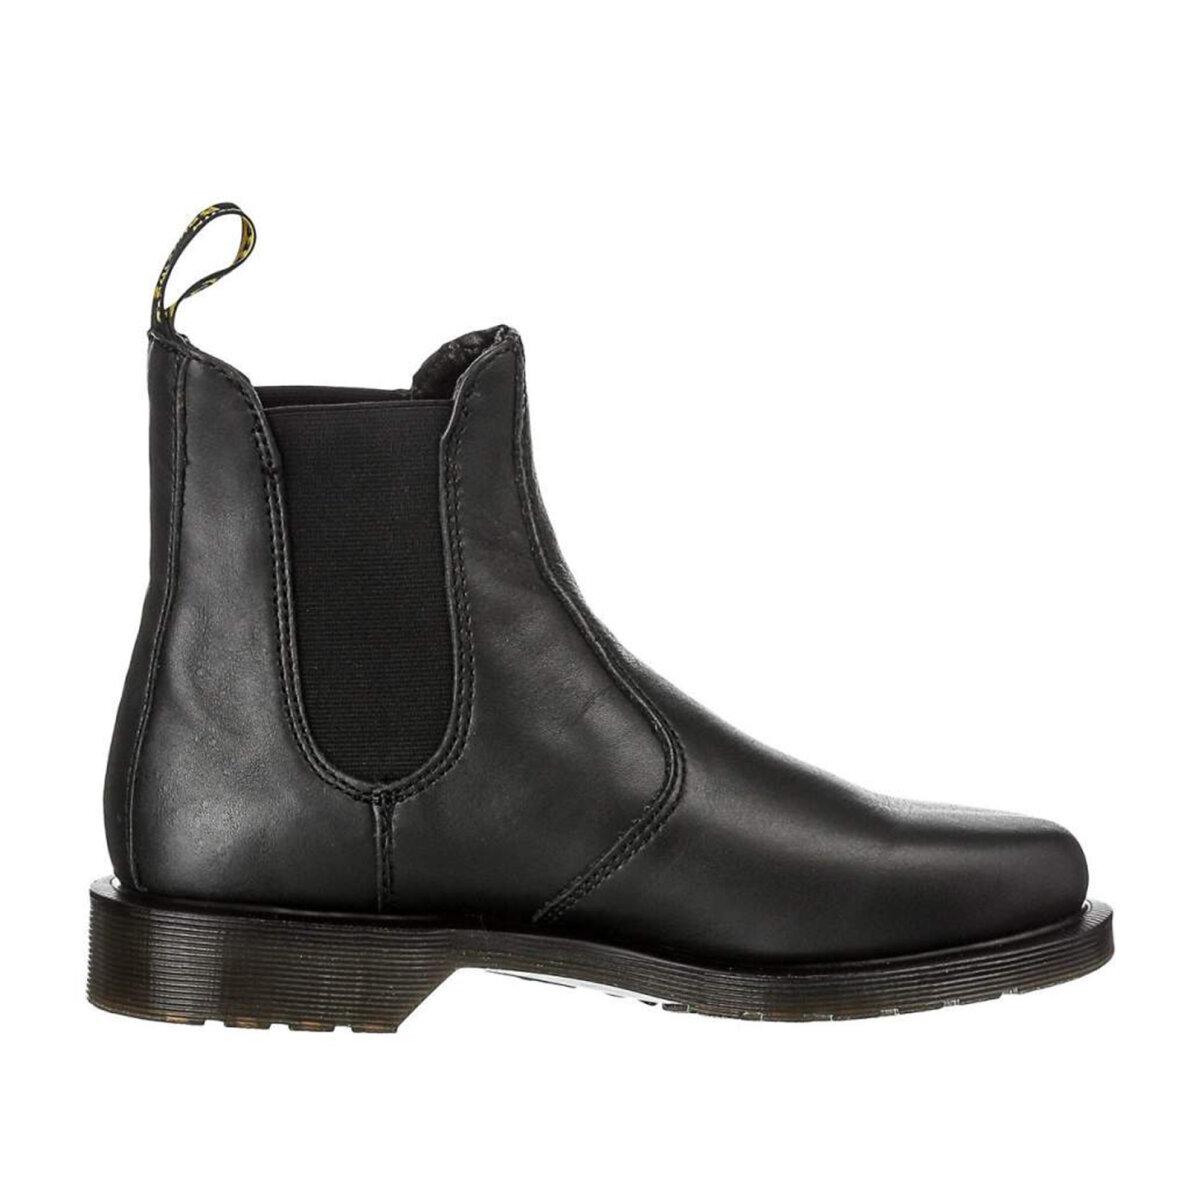 PIEDI Dr. Martens 13465002 Laura Chelsea boot Køb på